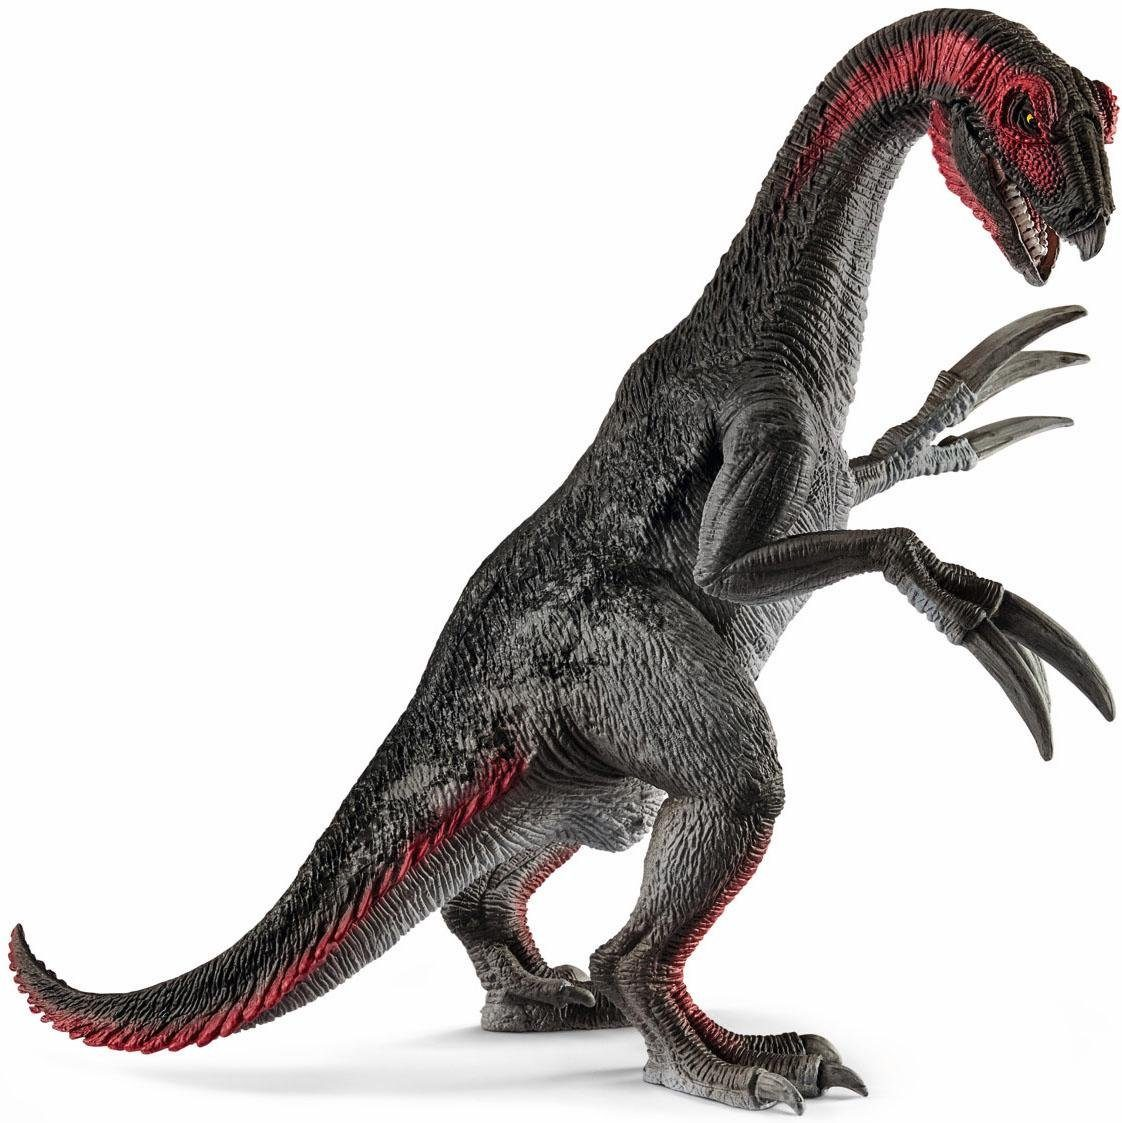 Schleich 15012 Dinosaurs Dimorphodon